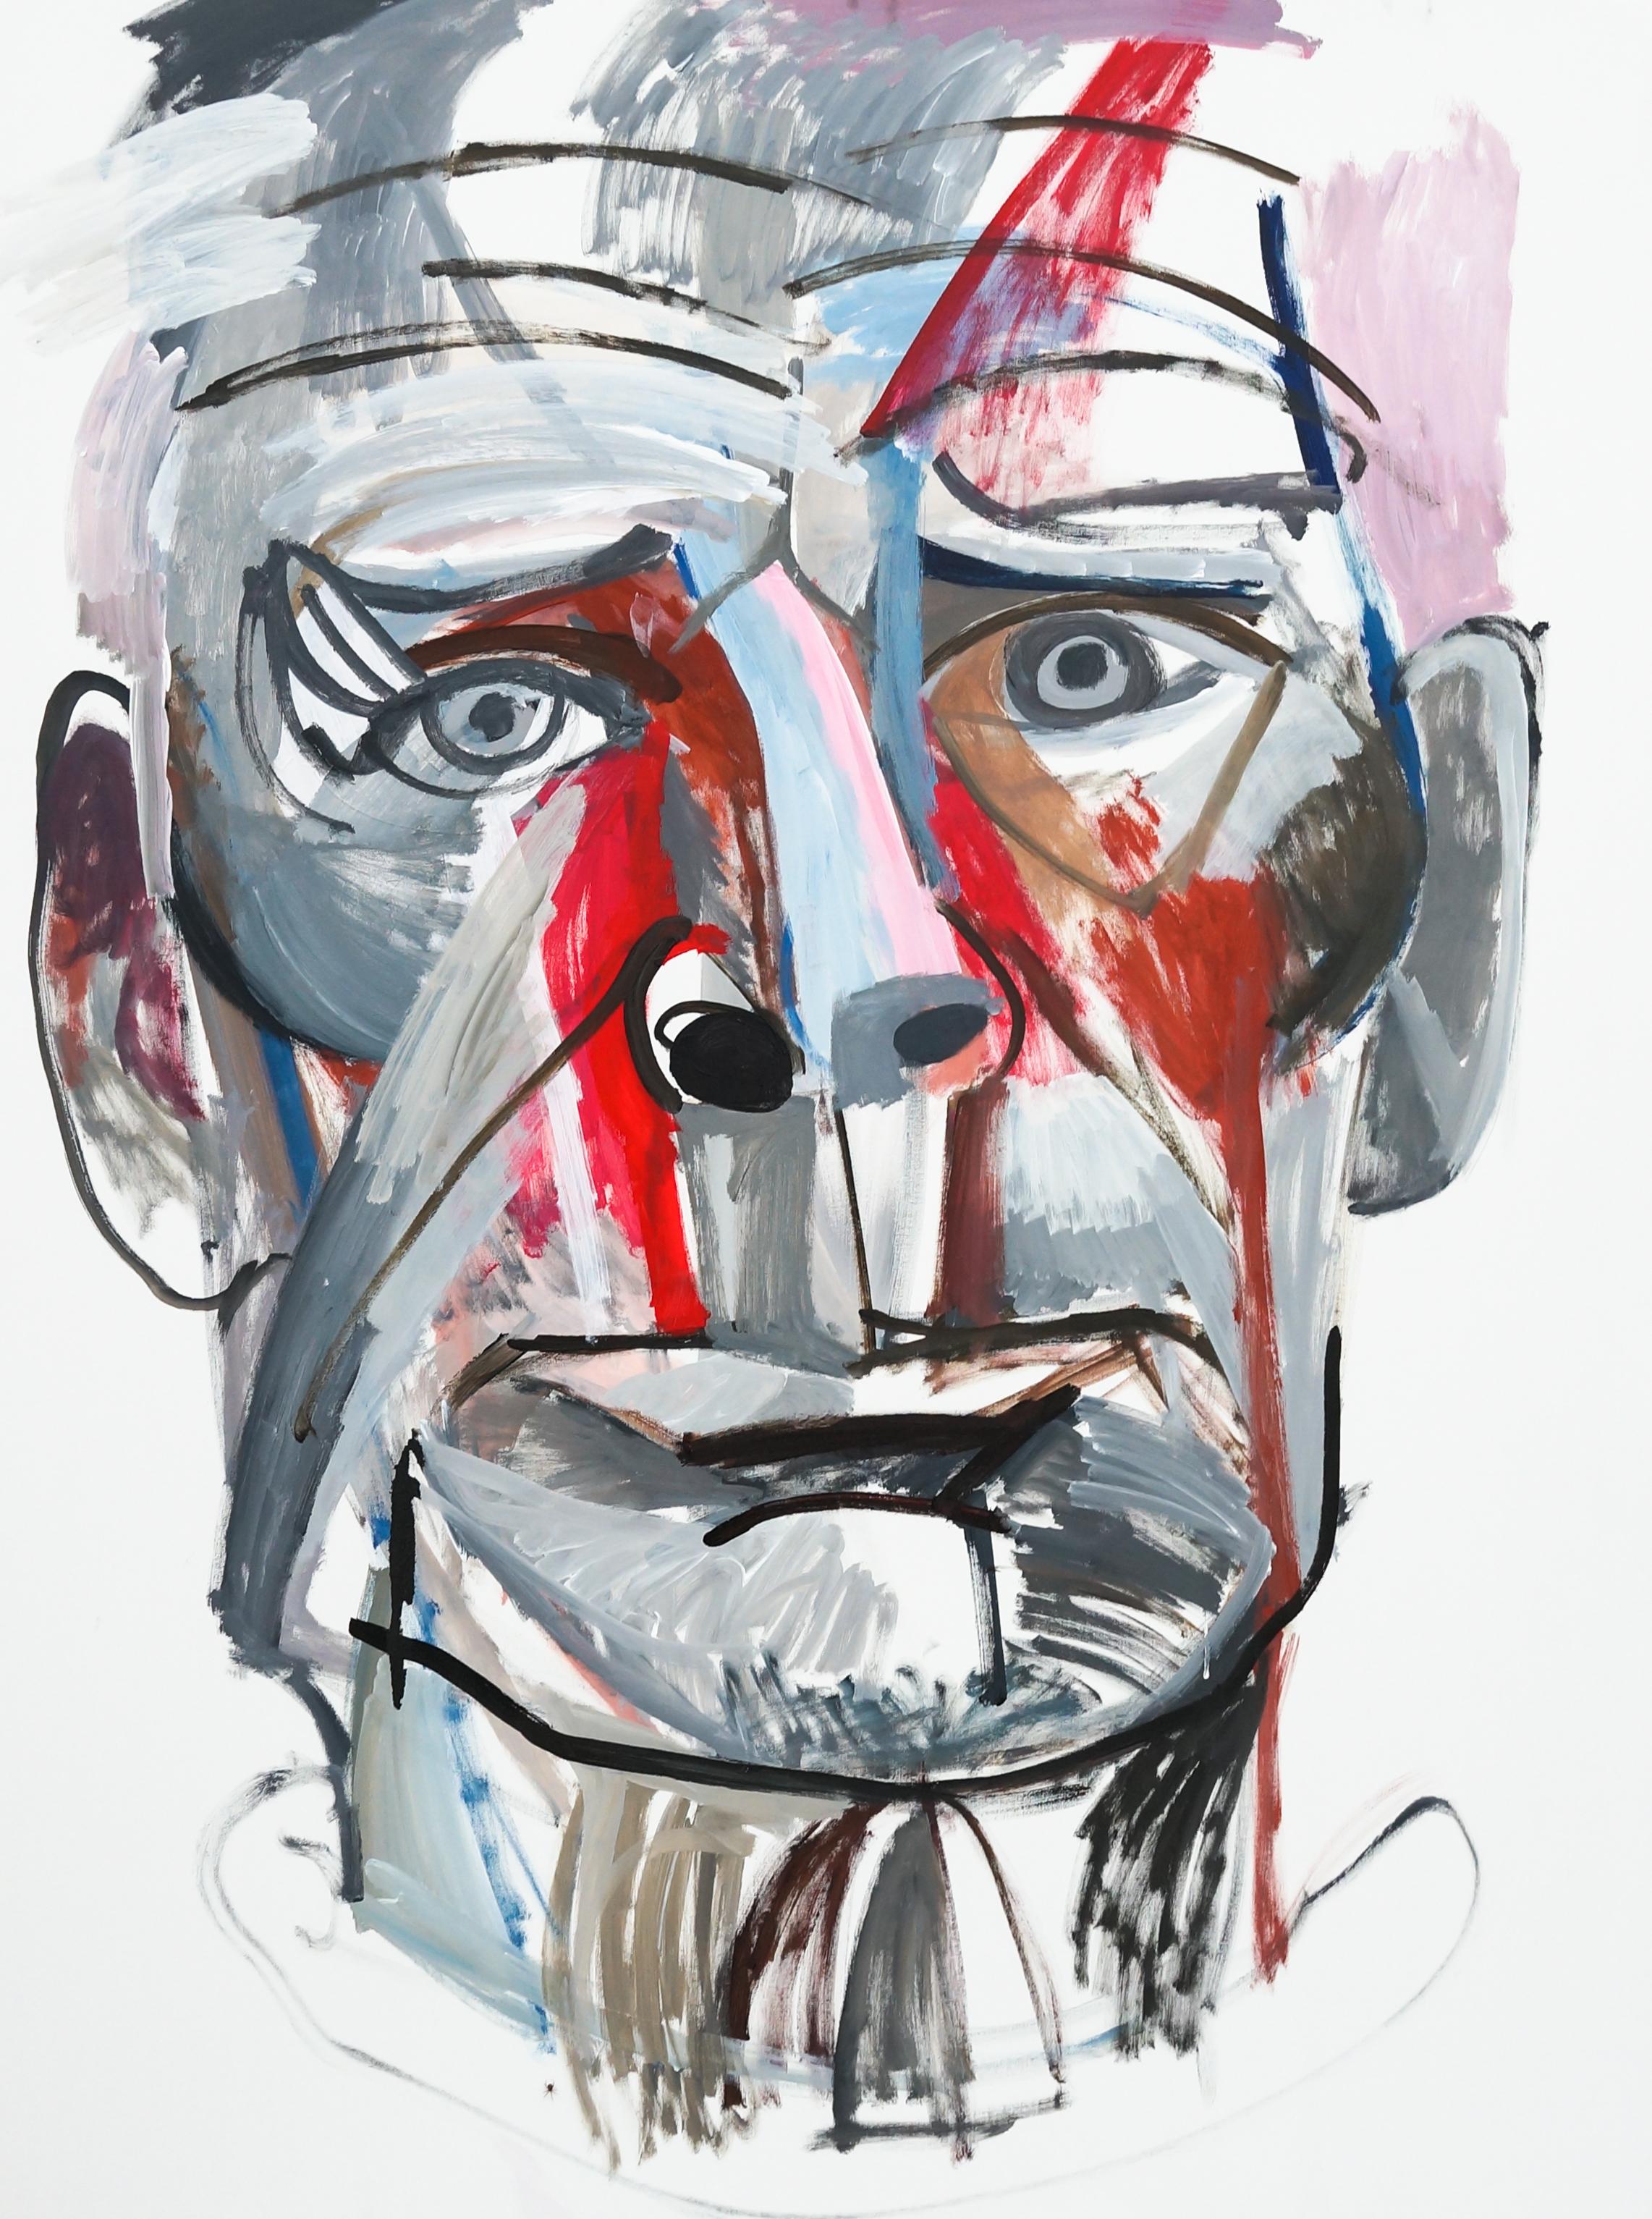 Beckett artwork by Jay Janer - art listed for sale on Artplode